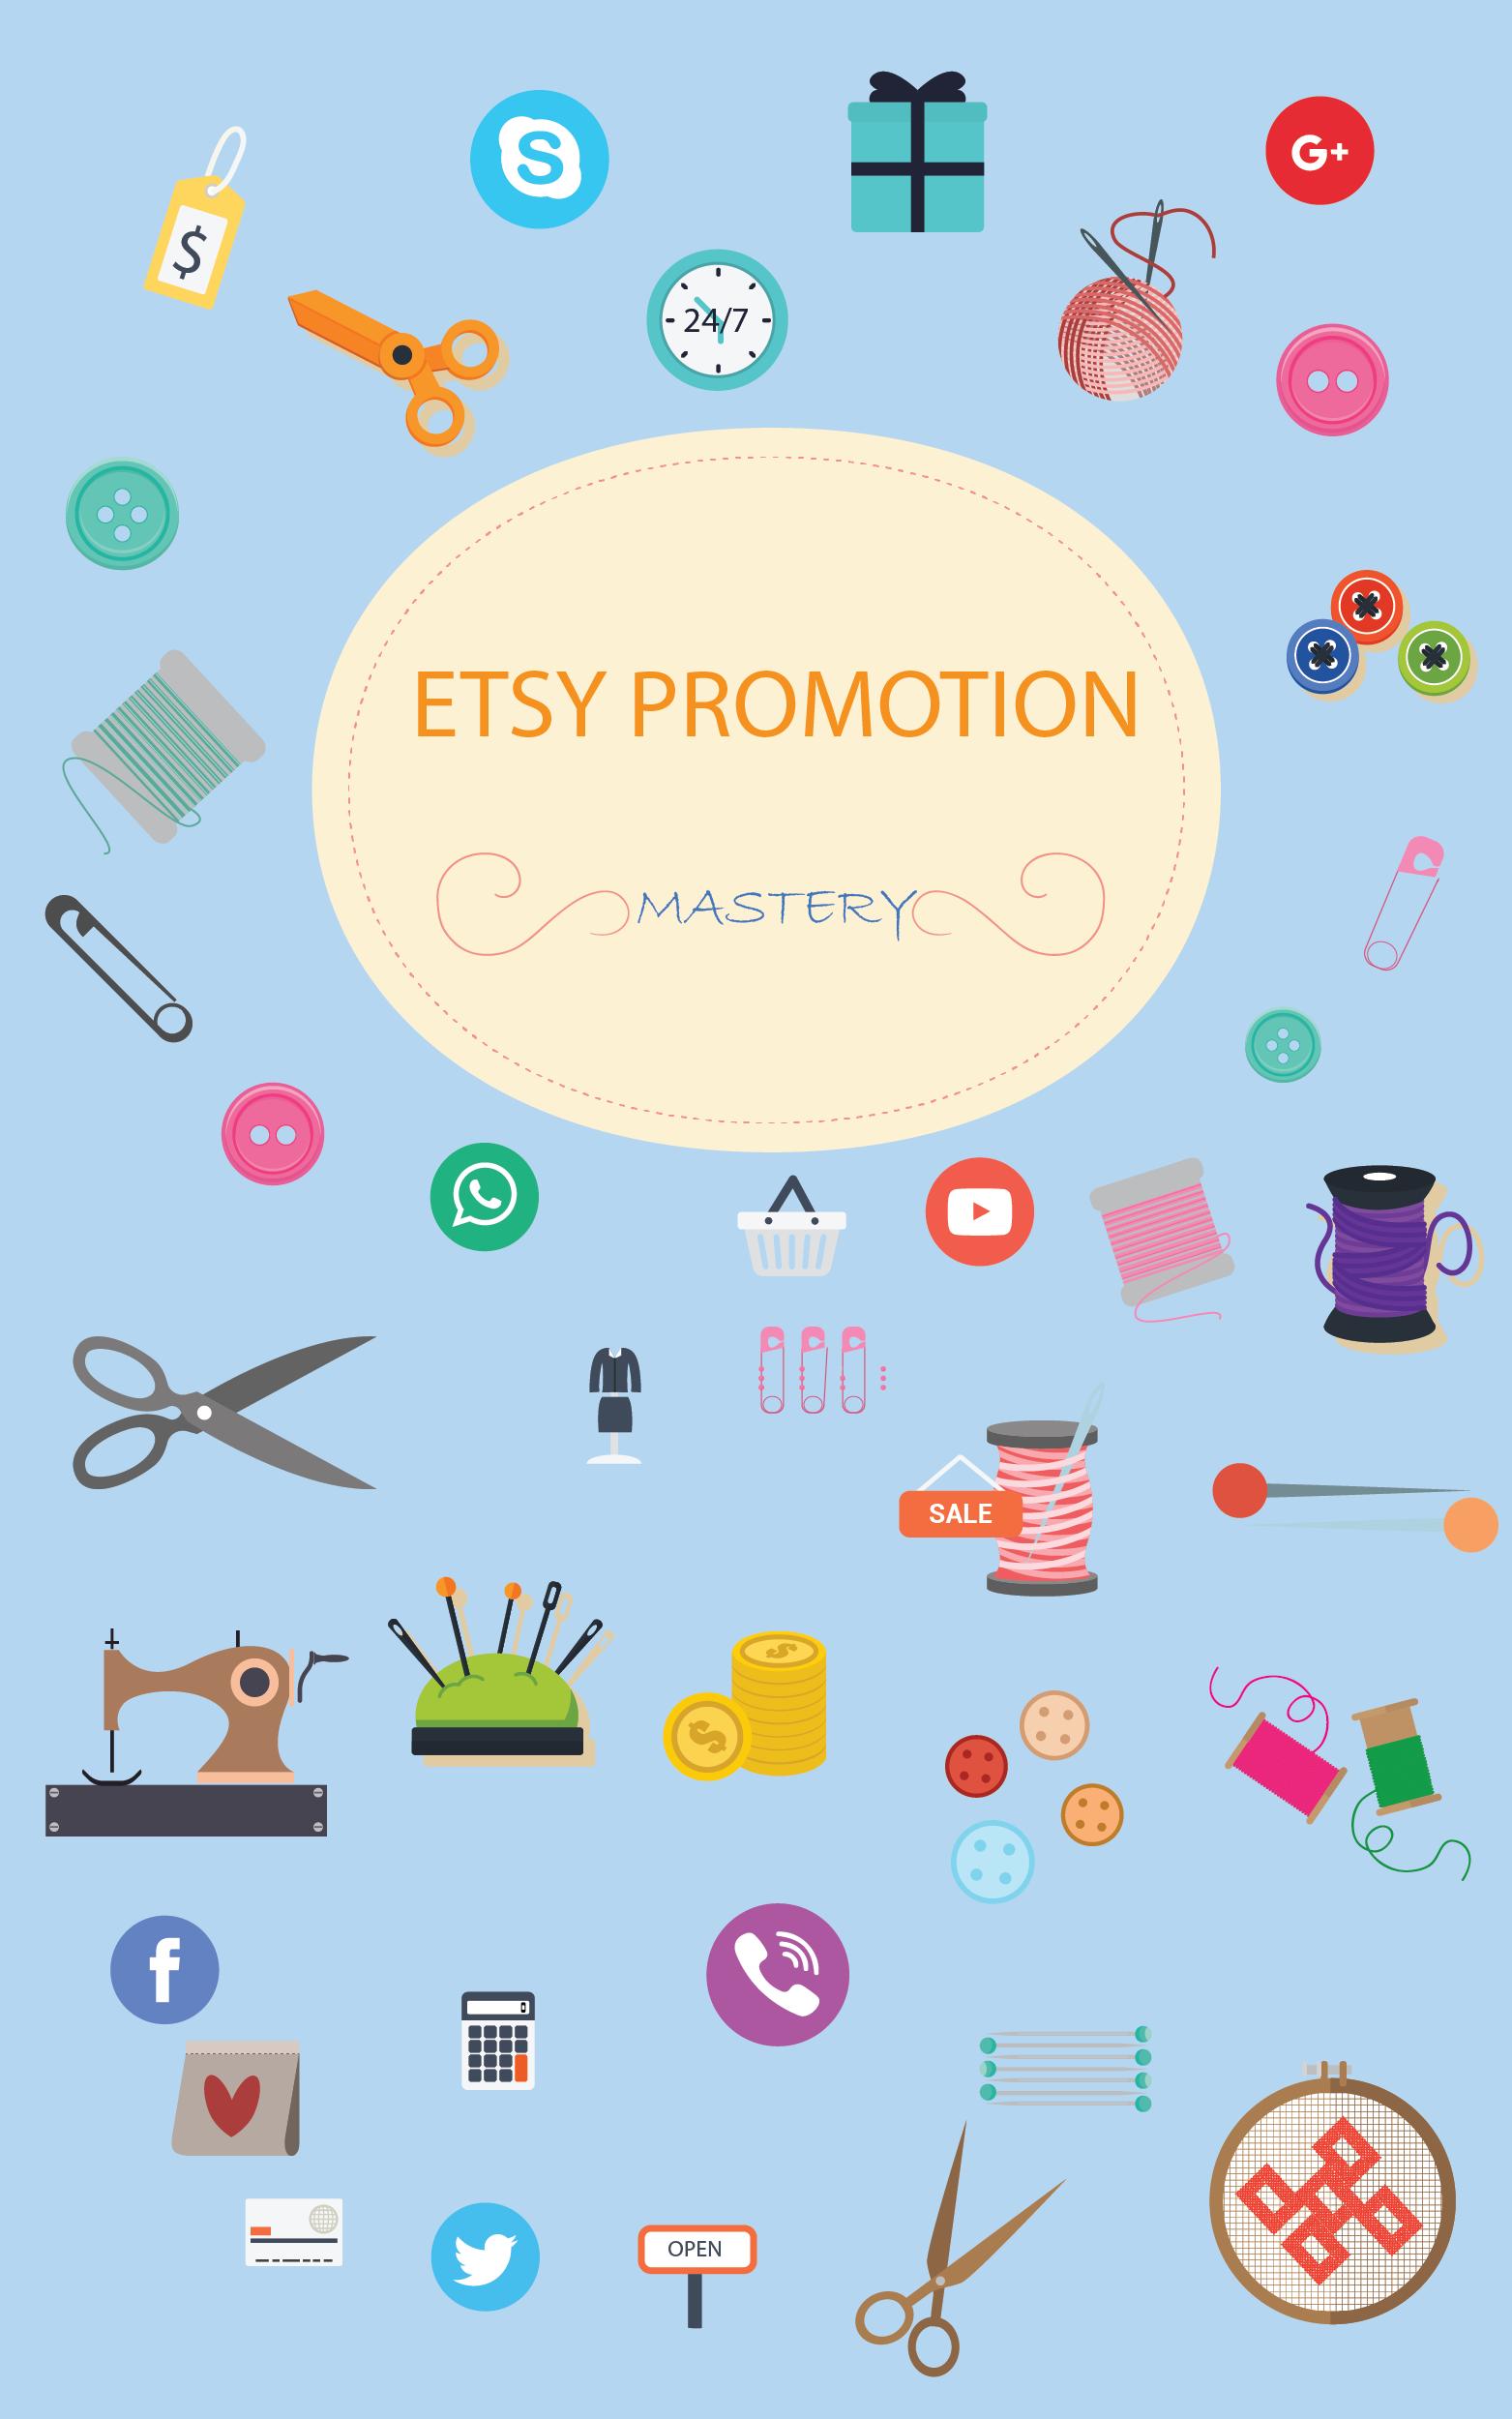 ETSY promotion mastery